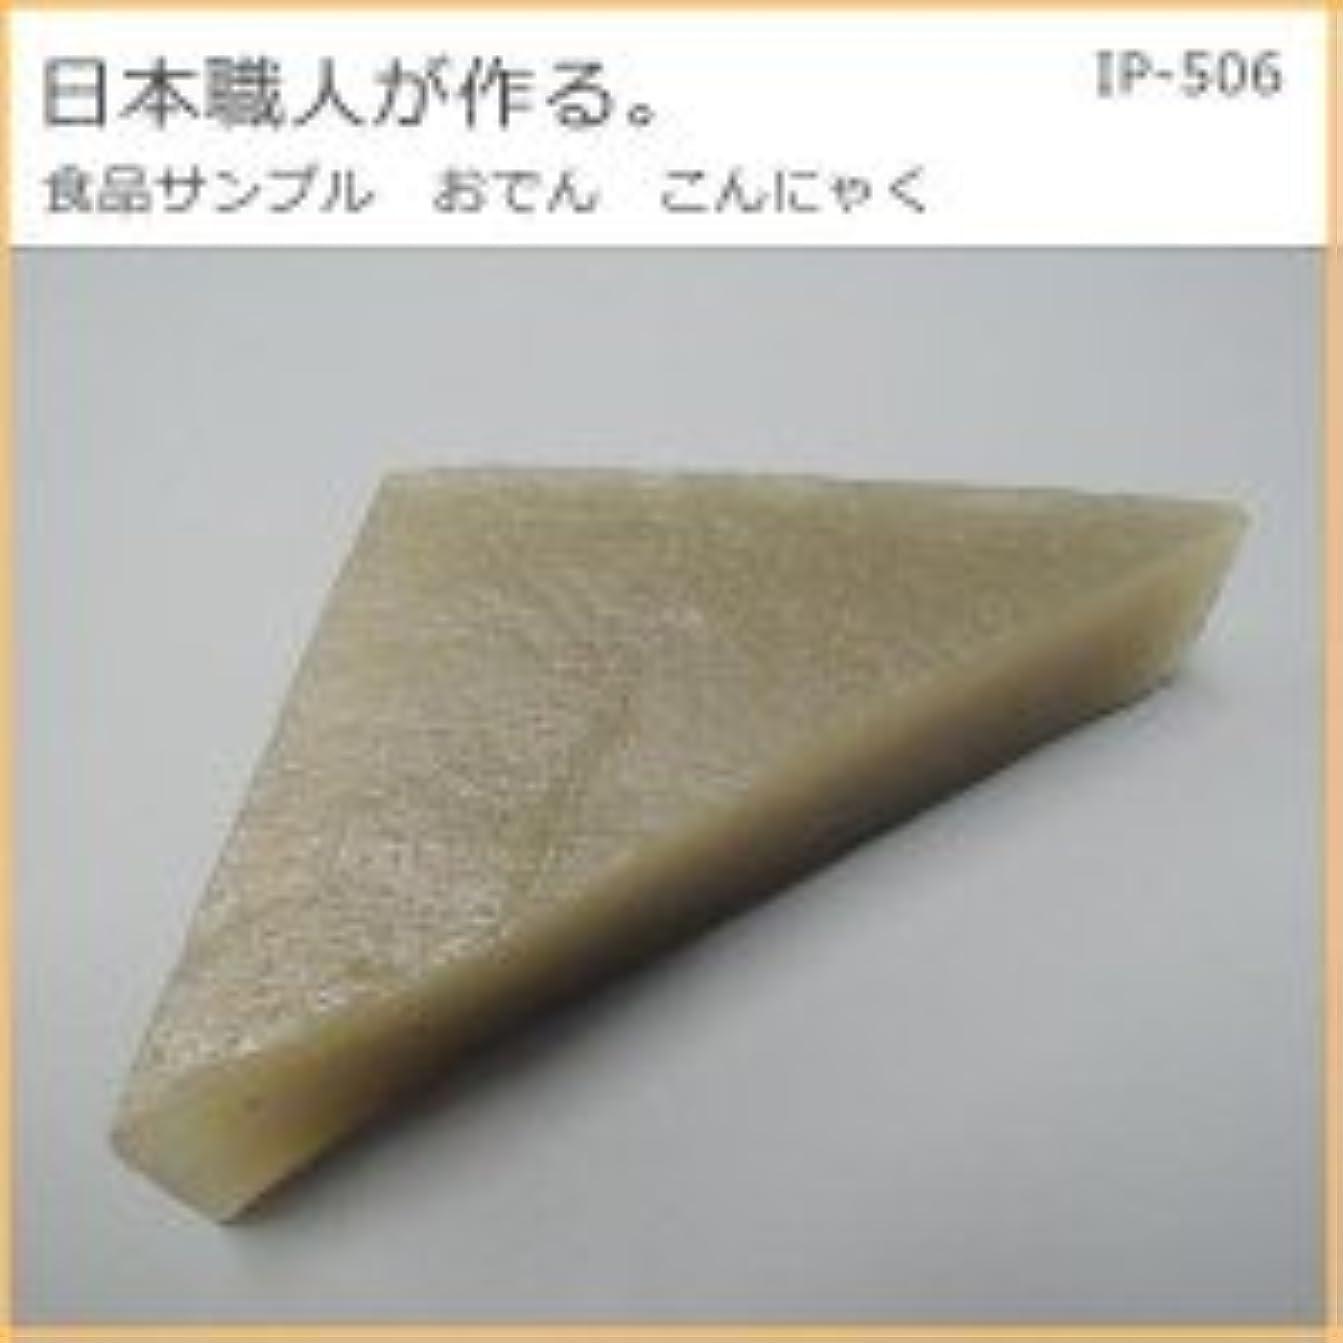 熟考するクライストチャーチ気楽な日本職人が作る 食品サンプル おでん こんにゃく IP-506